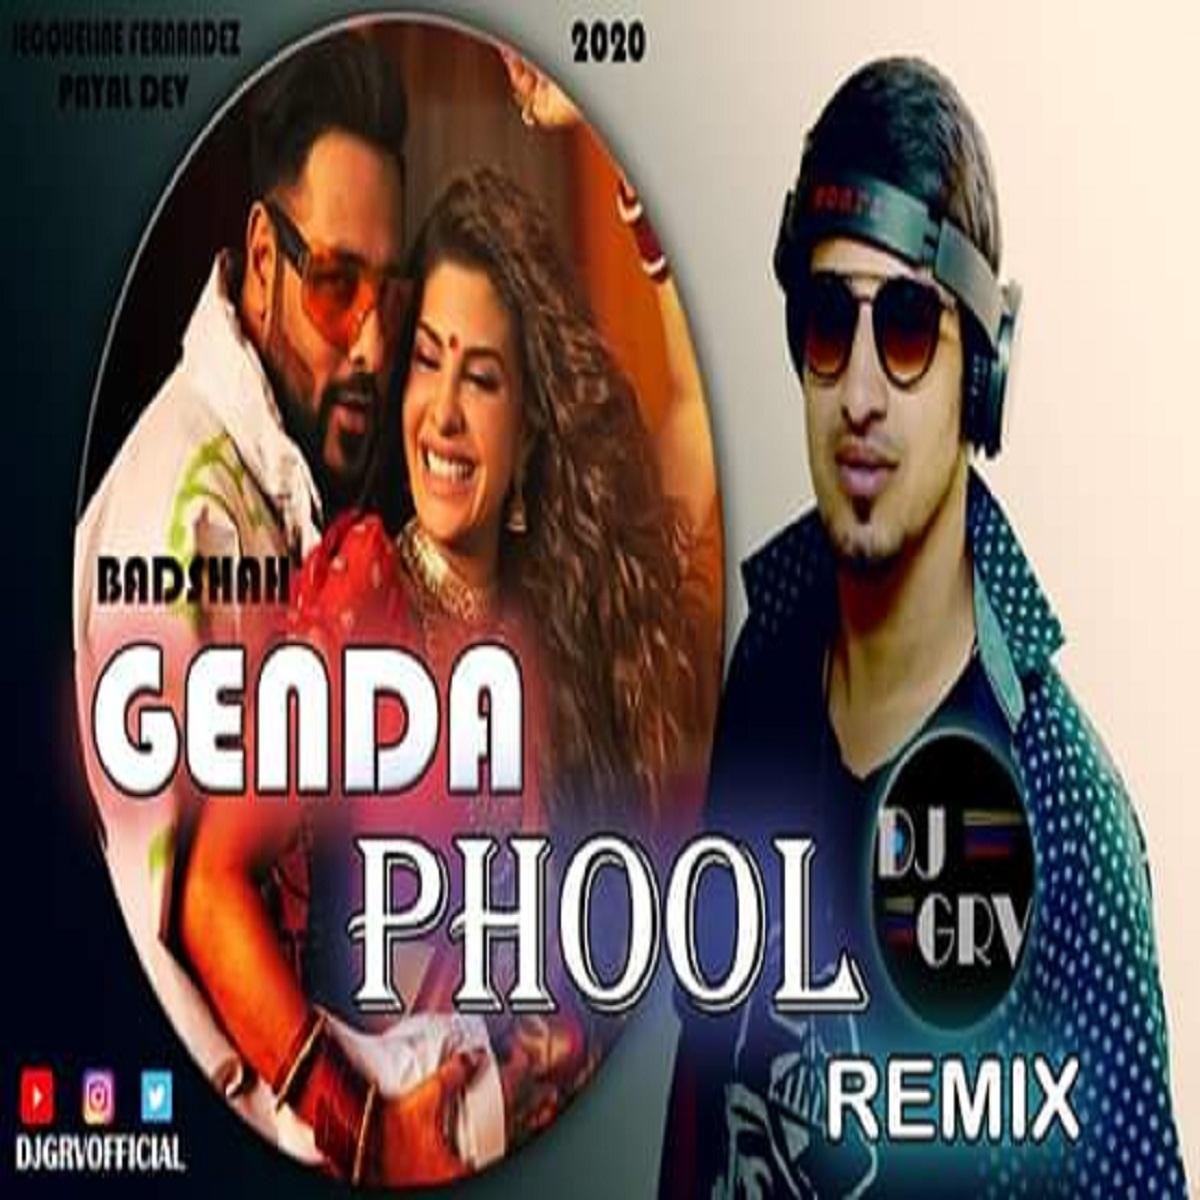 Badshah - Genda Phool - Dj GRV Remix